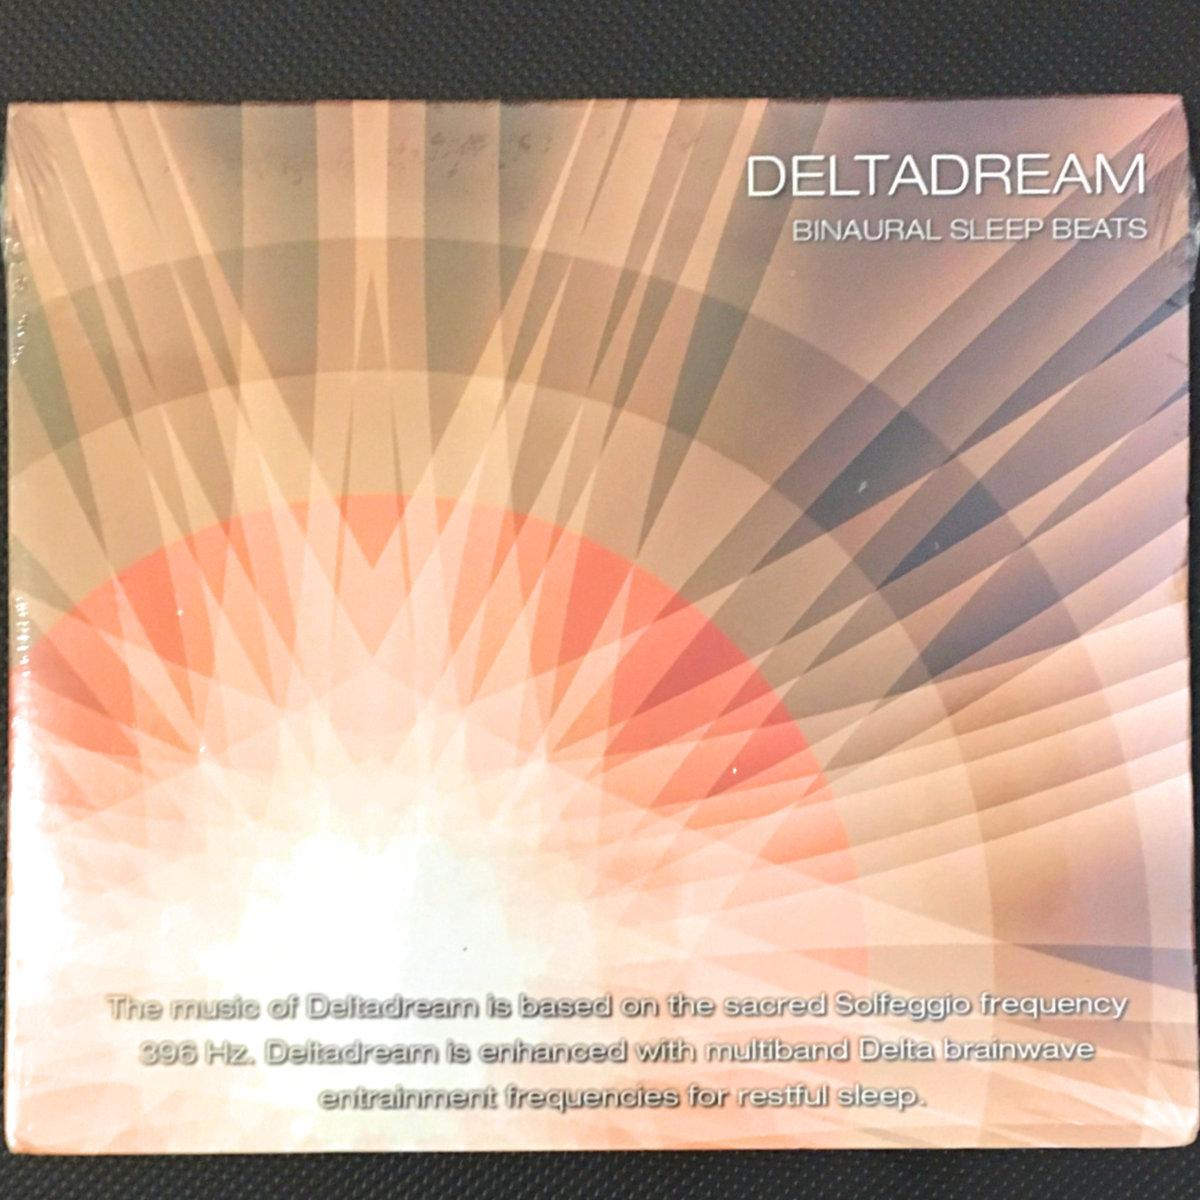 Deltadream | J S  Epperson